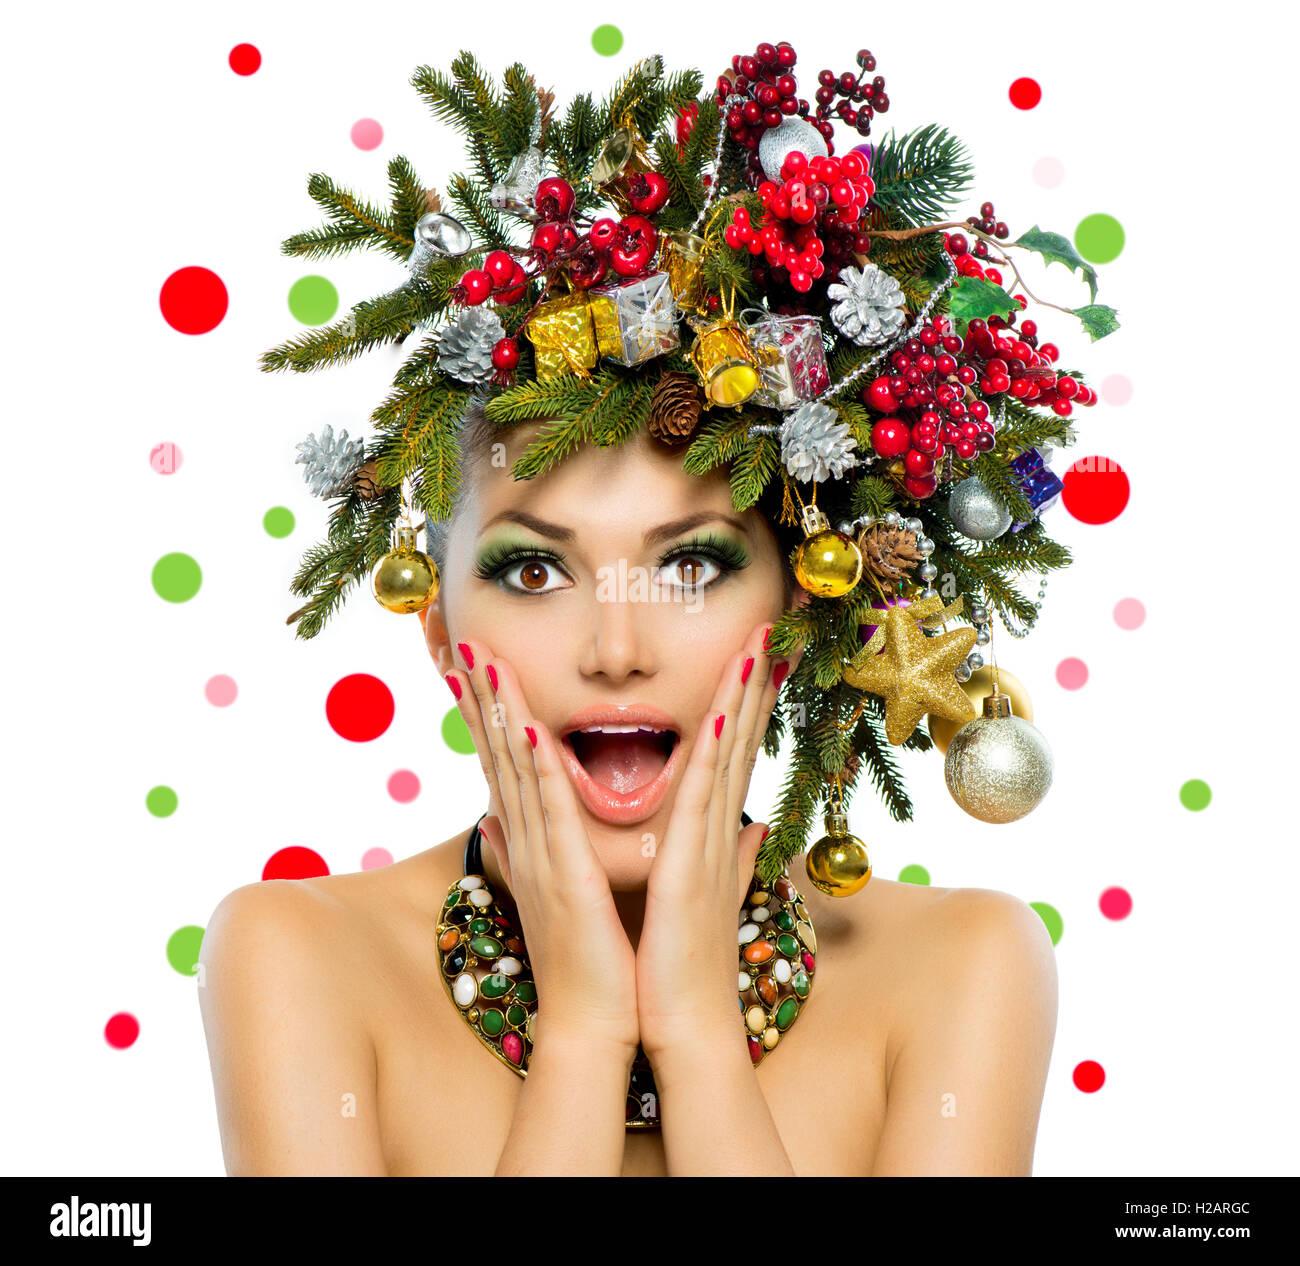 Christmas Woman Christmas Tree Holiday Hairstyle And Make Up Stock